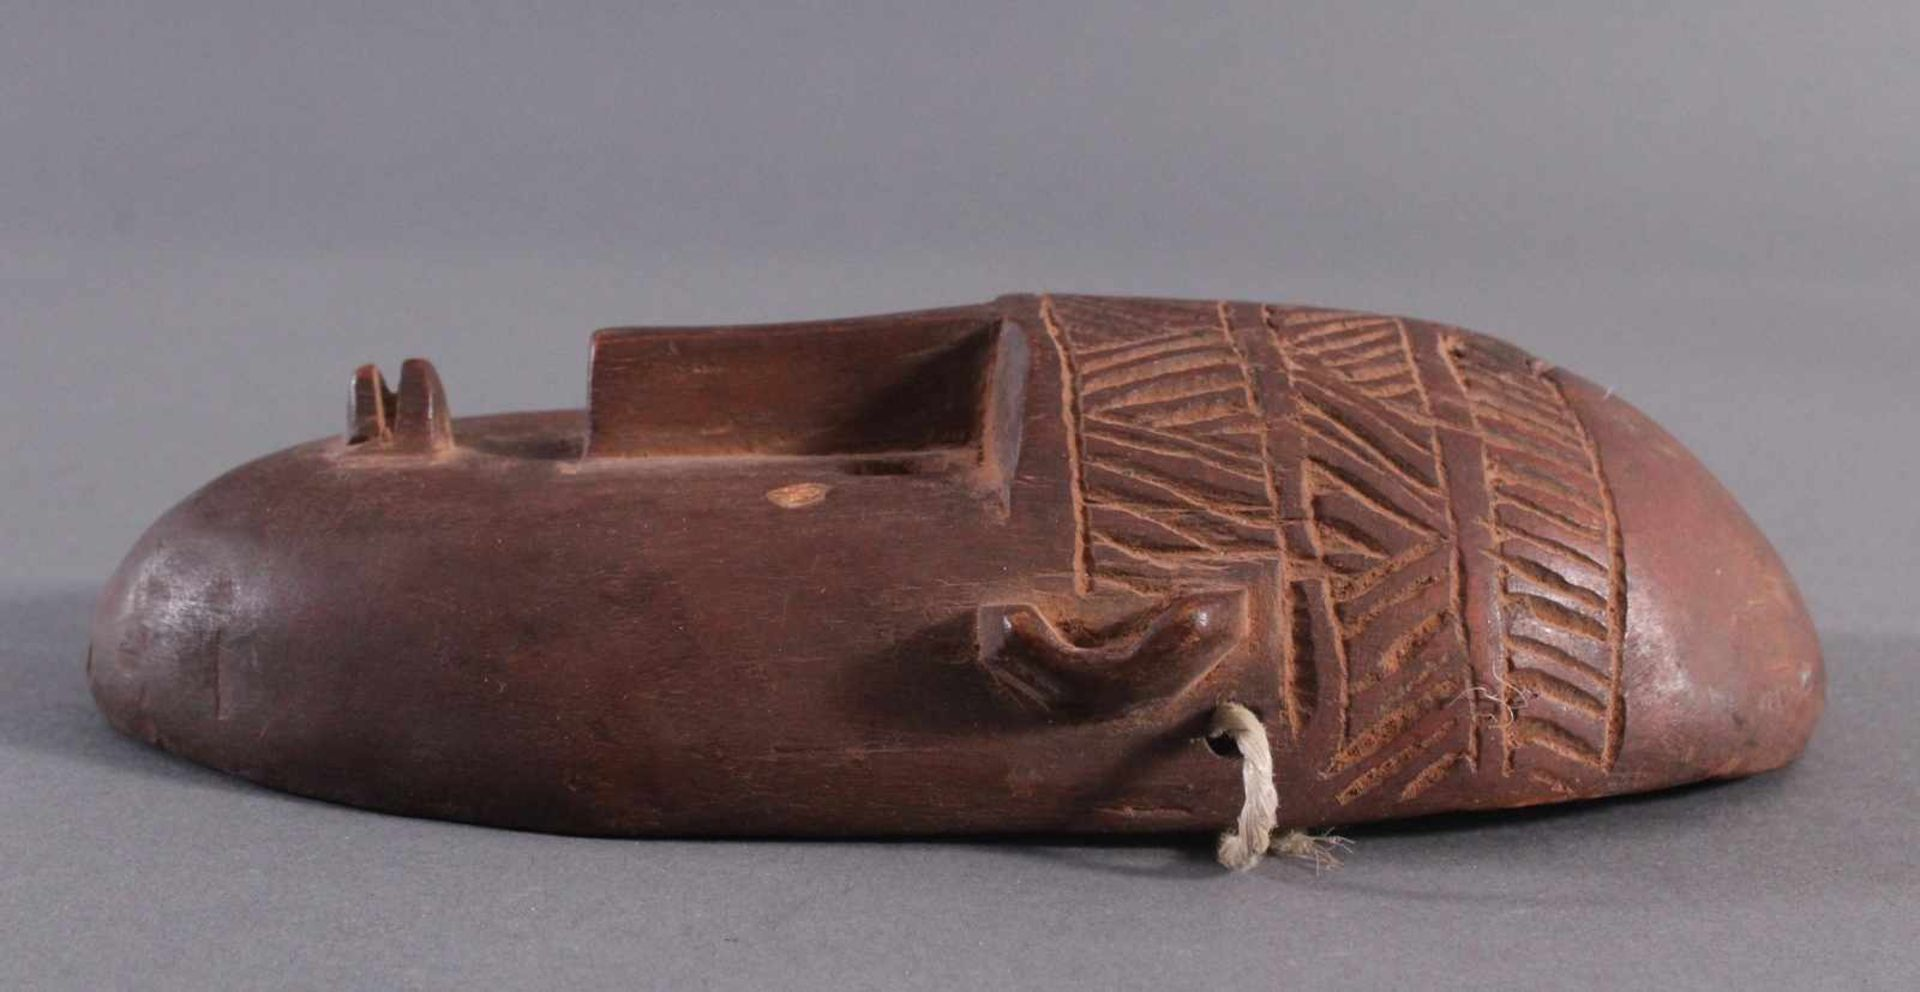 Antike Maske, BambaraHolz geschnitzt, braune Patina, am linken Ohr mit kleiner Abplatzung, - Bild 2 aus 6